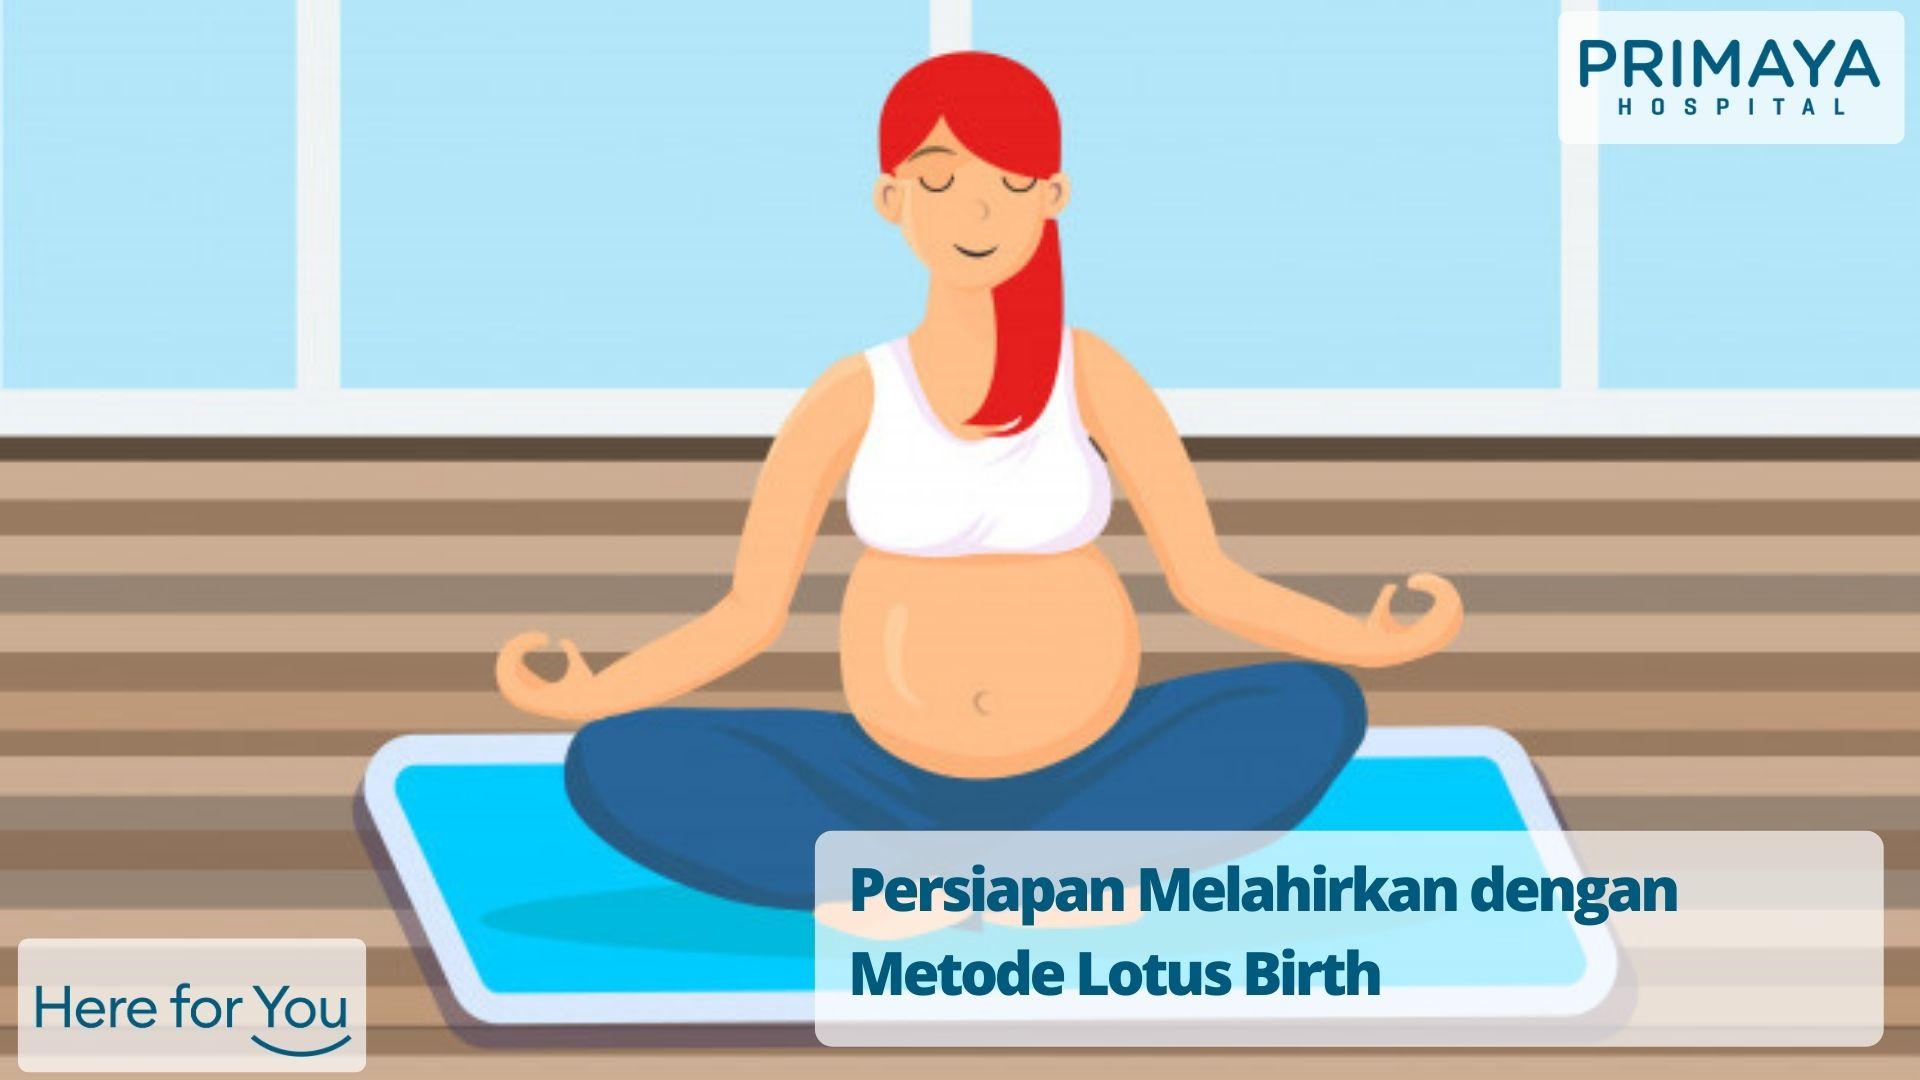 Persiapan Melahirkan dengan Metode Lotus Birth